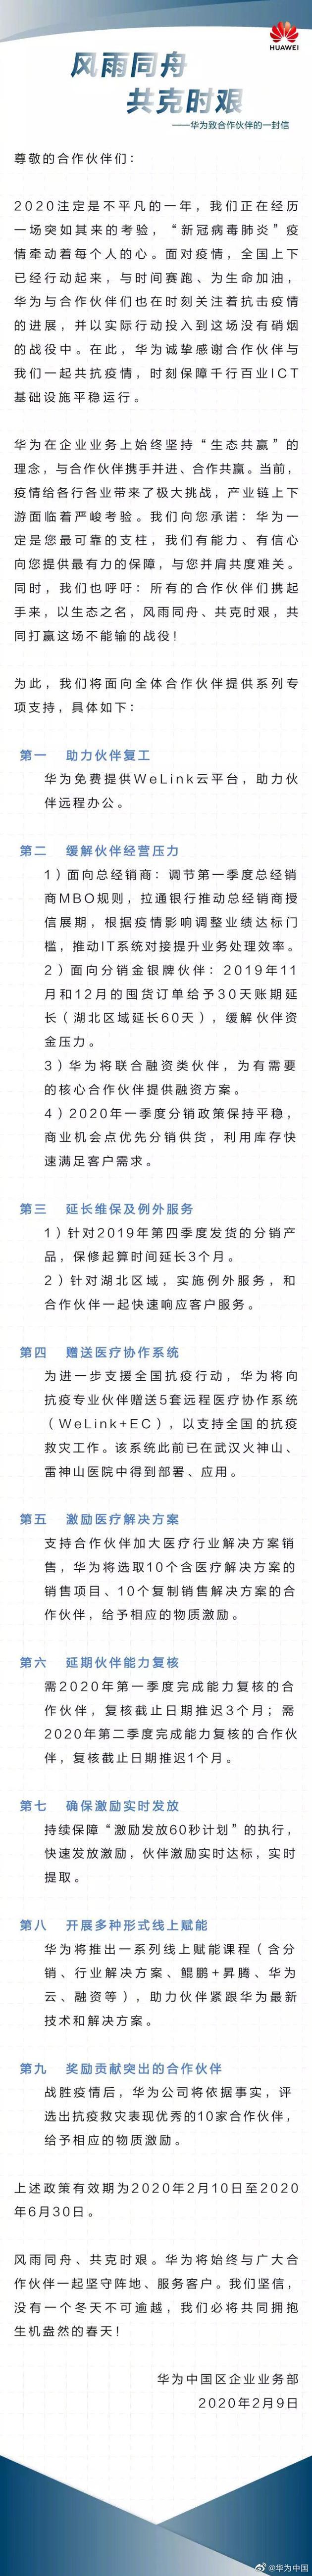 华为发布致合作伙伴的一封信